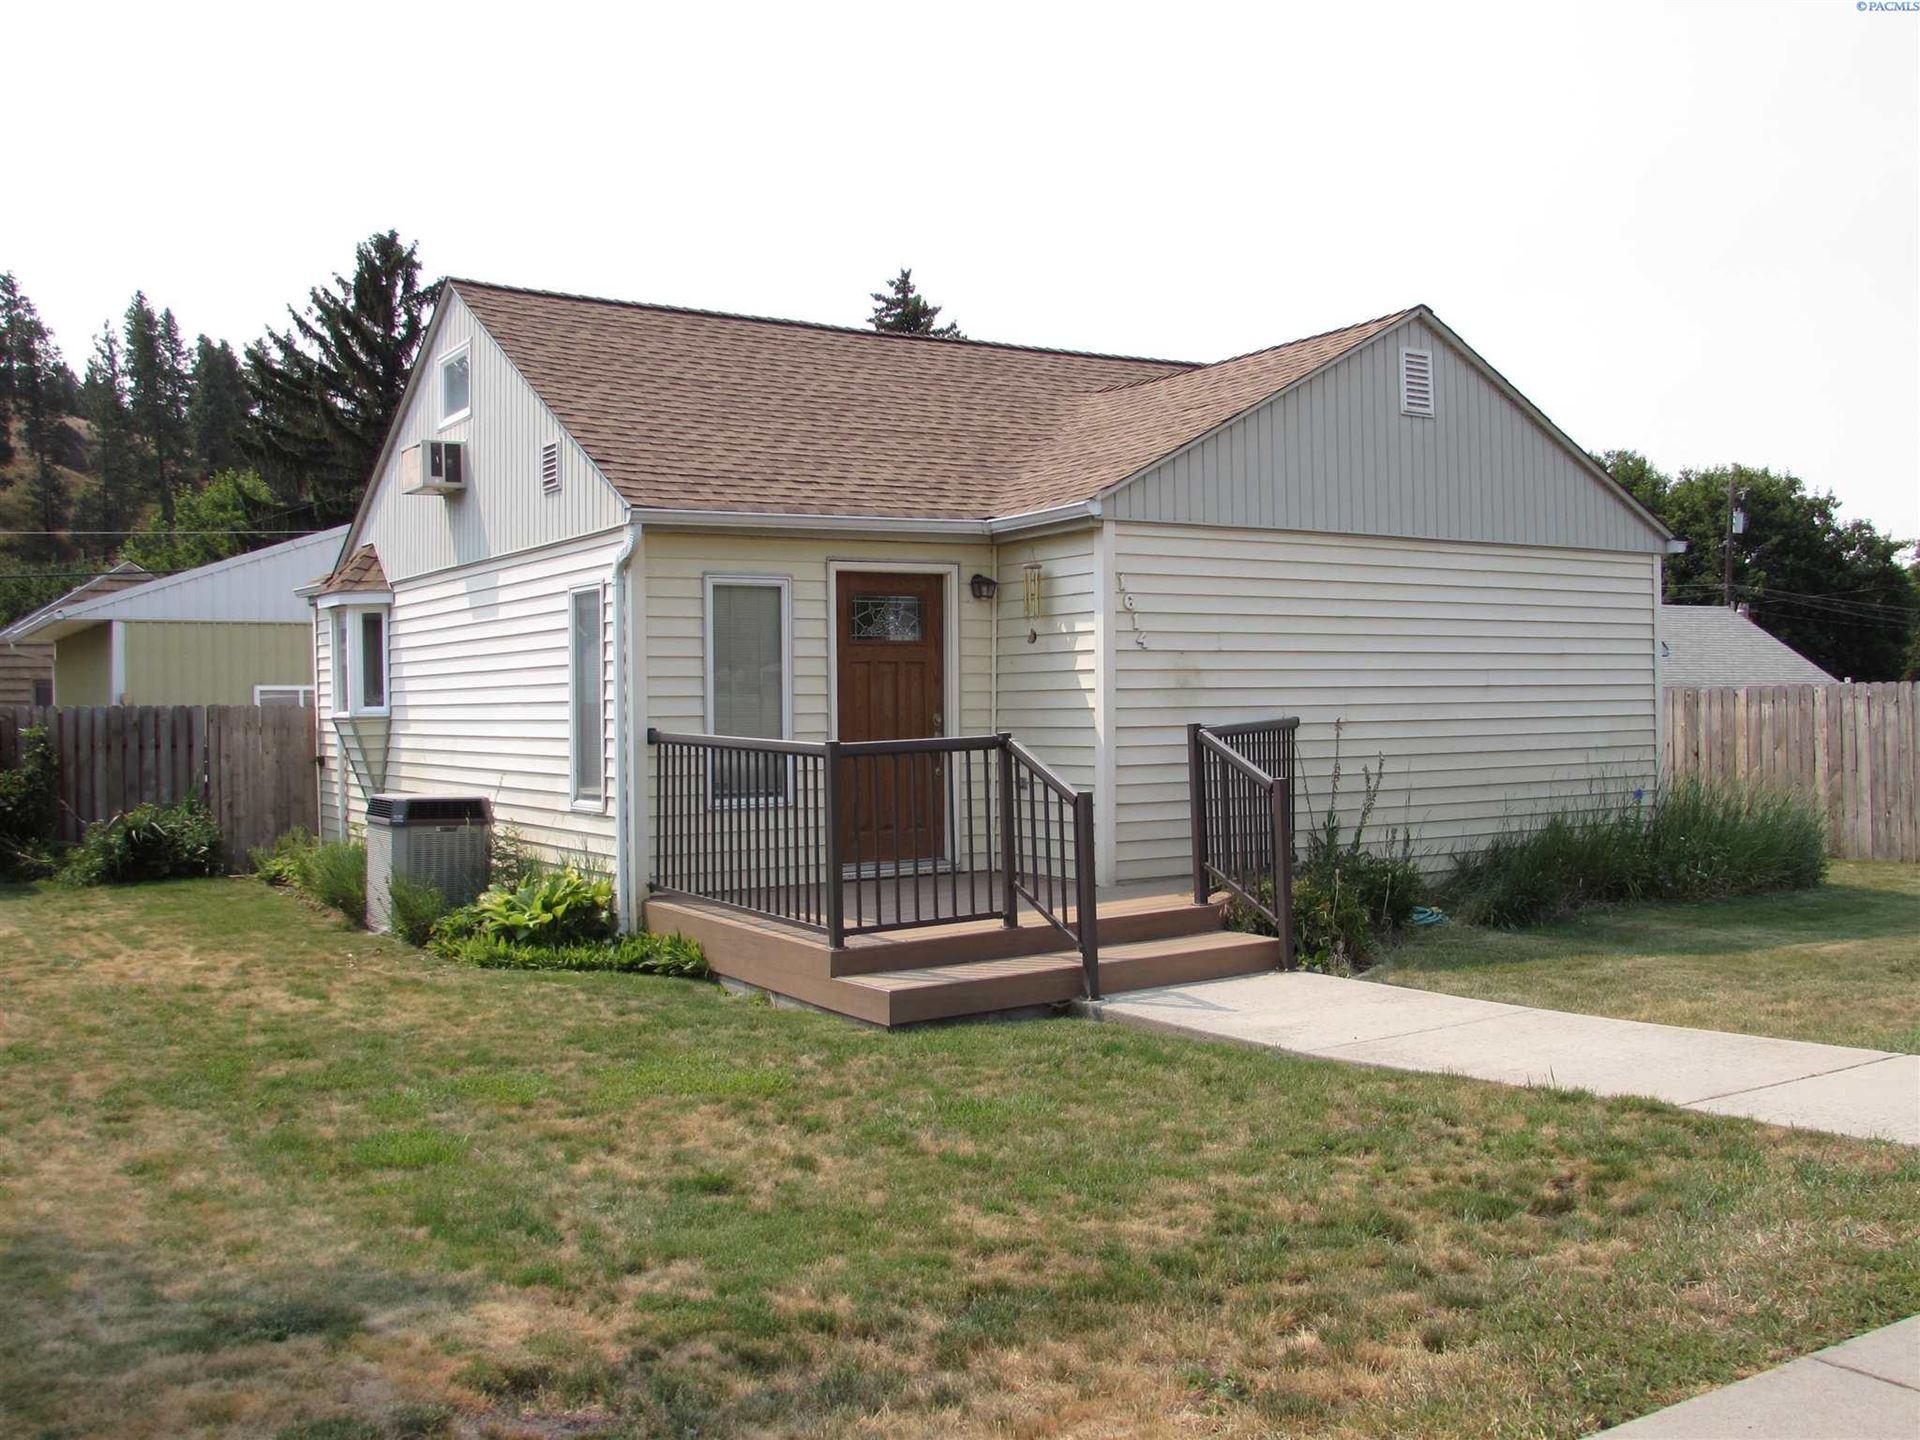 Photo of 1614 Cedar St, Colfax, WA 99111 (MLS # 254967)